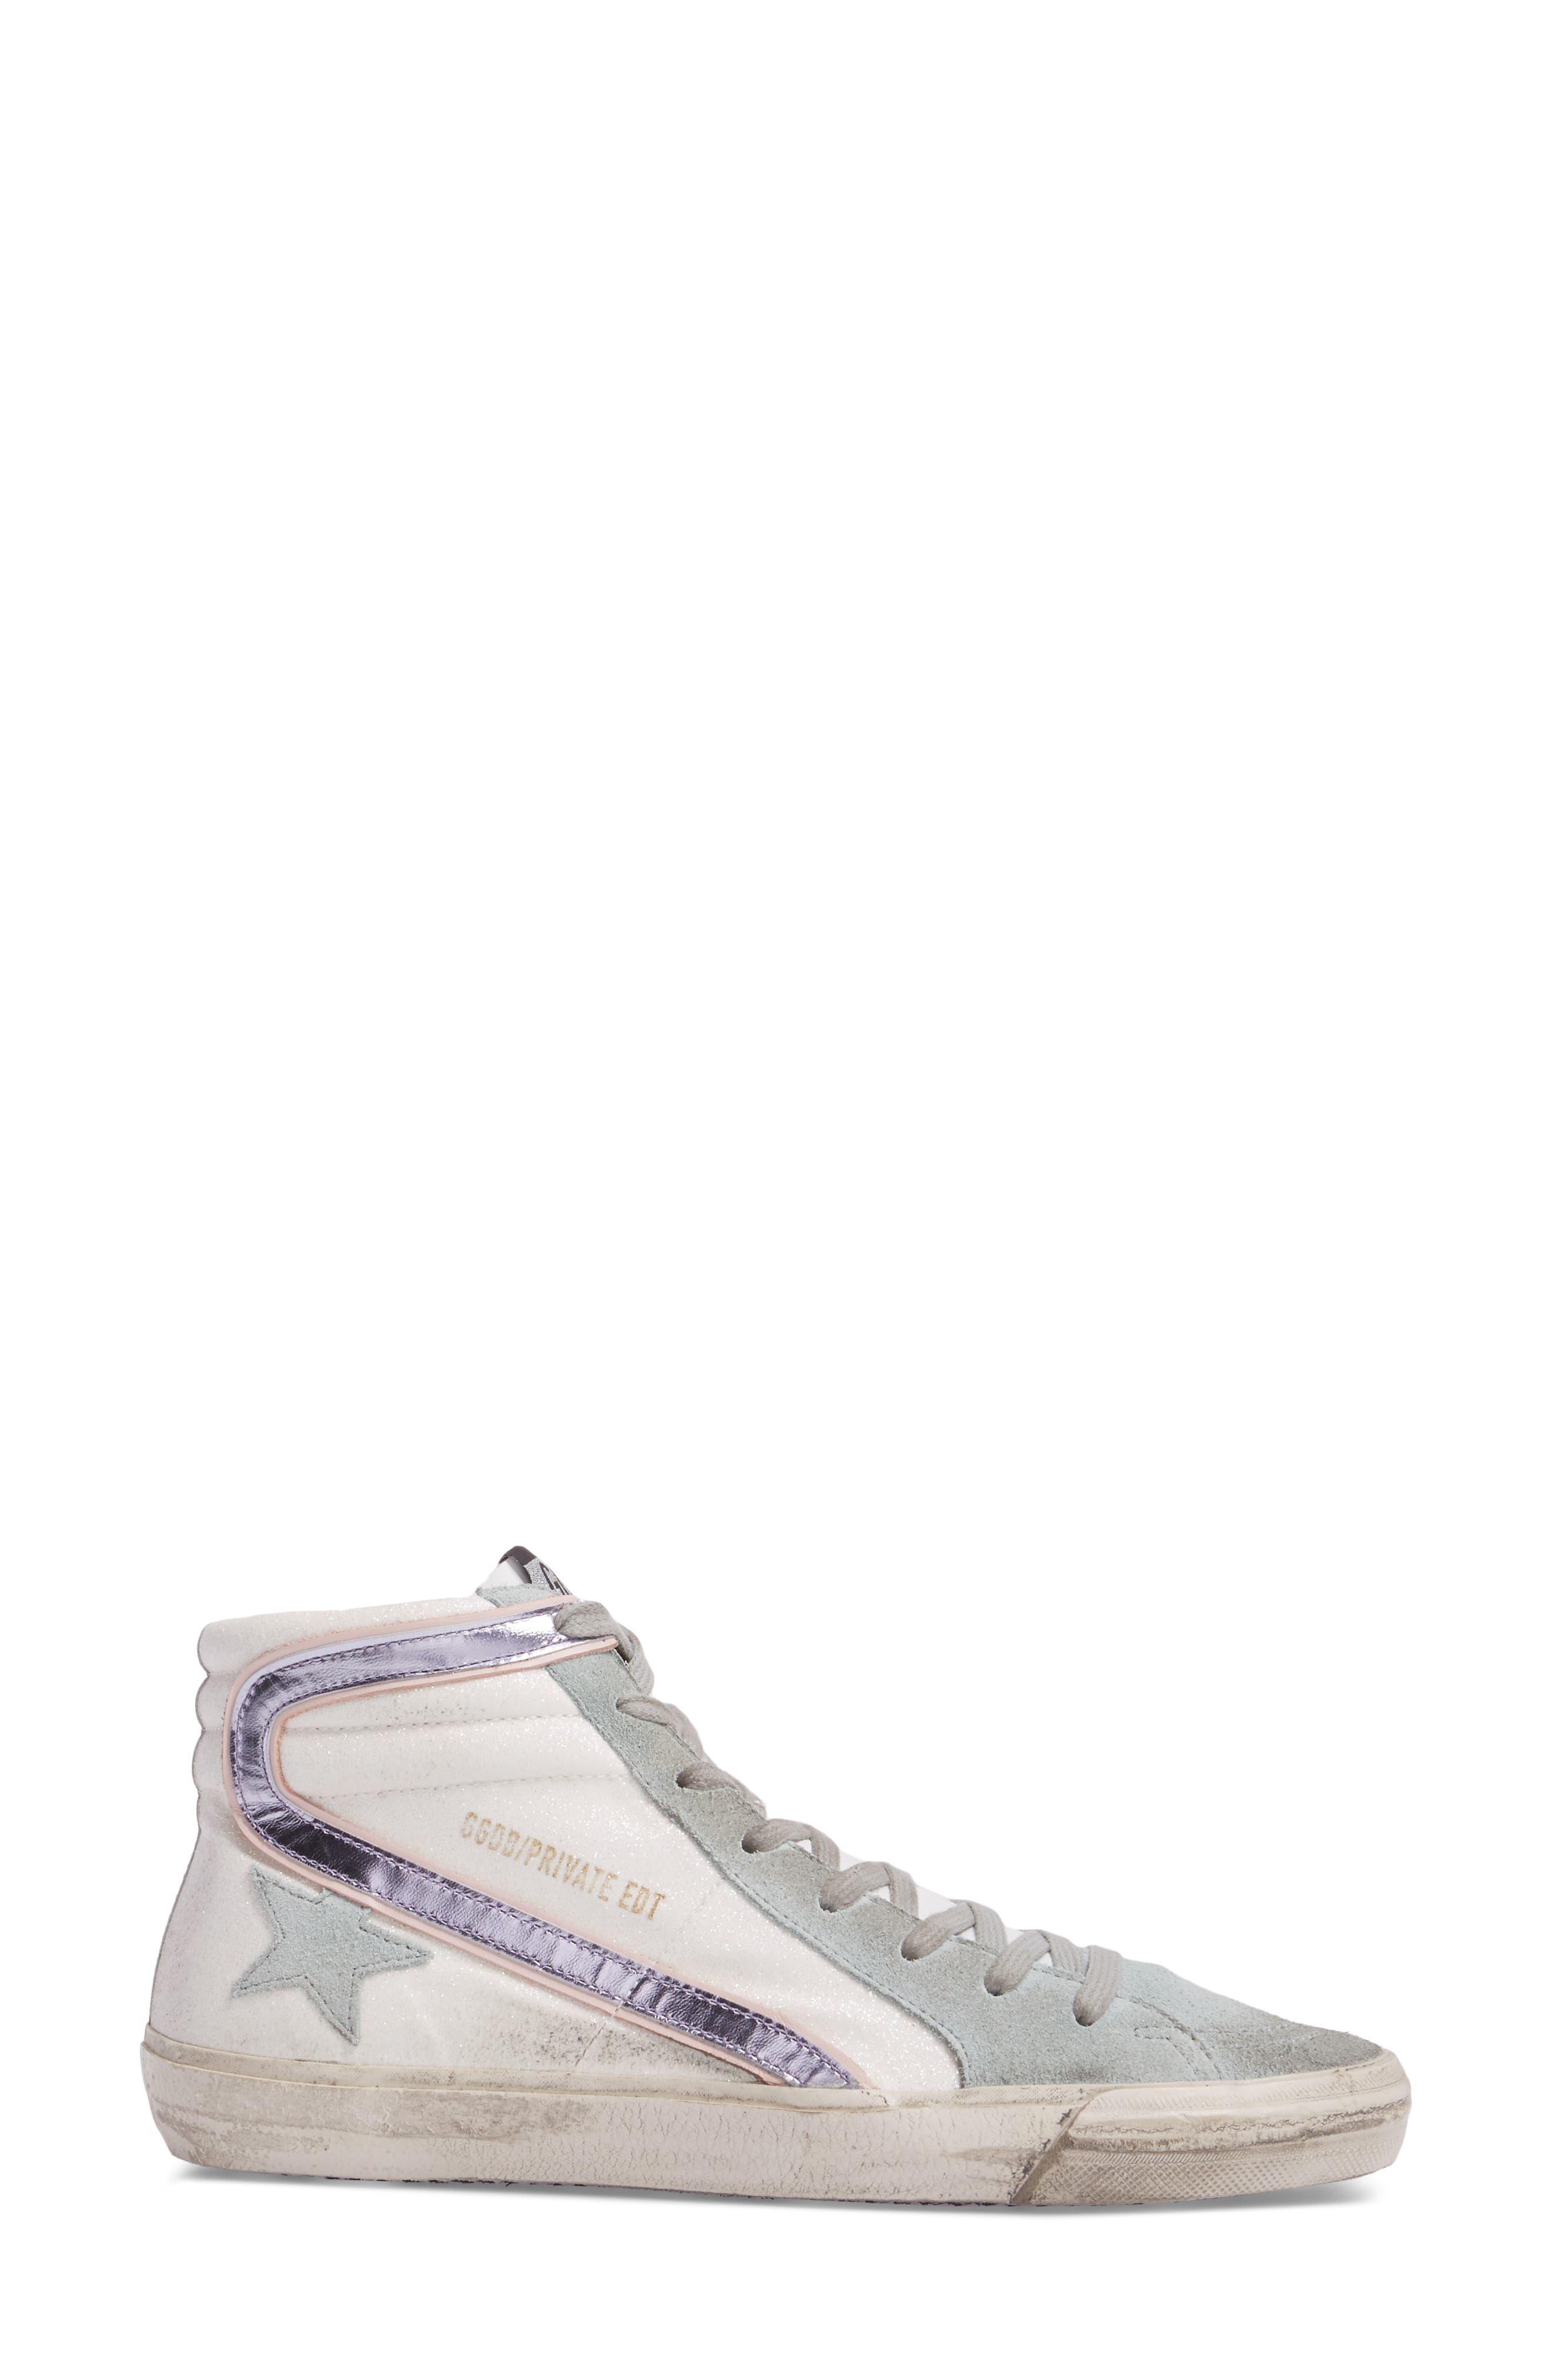 Slide High Top Sneaker,                             Alternate thumbnail 3, color,                             White/ Mint Green